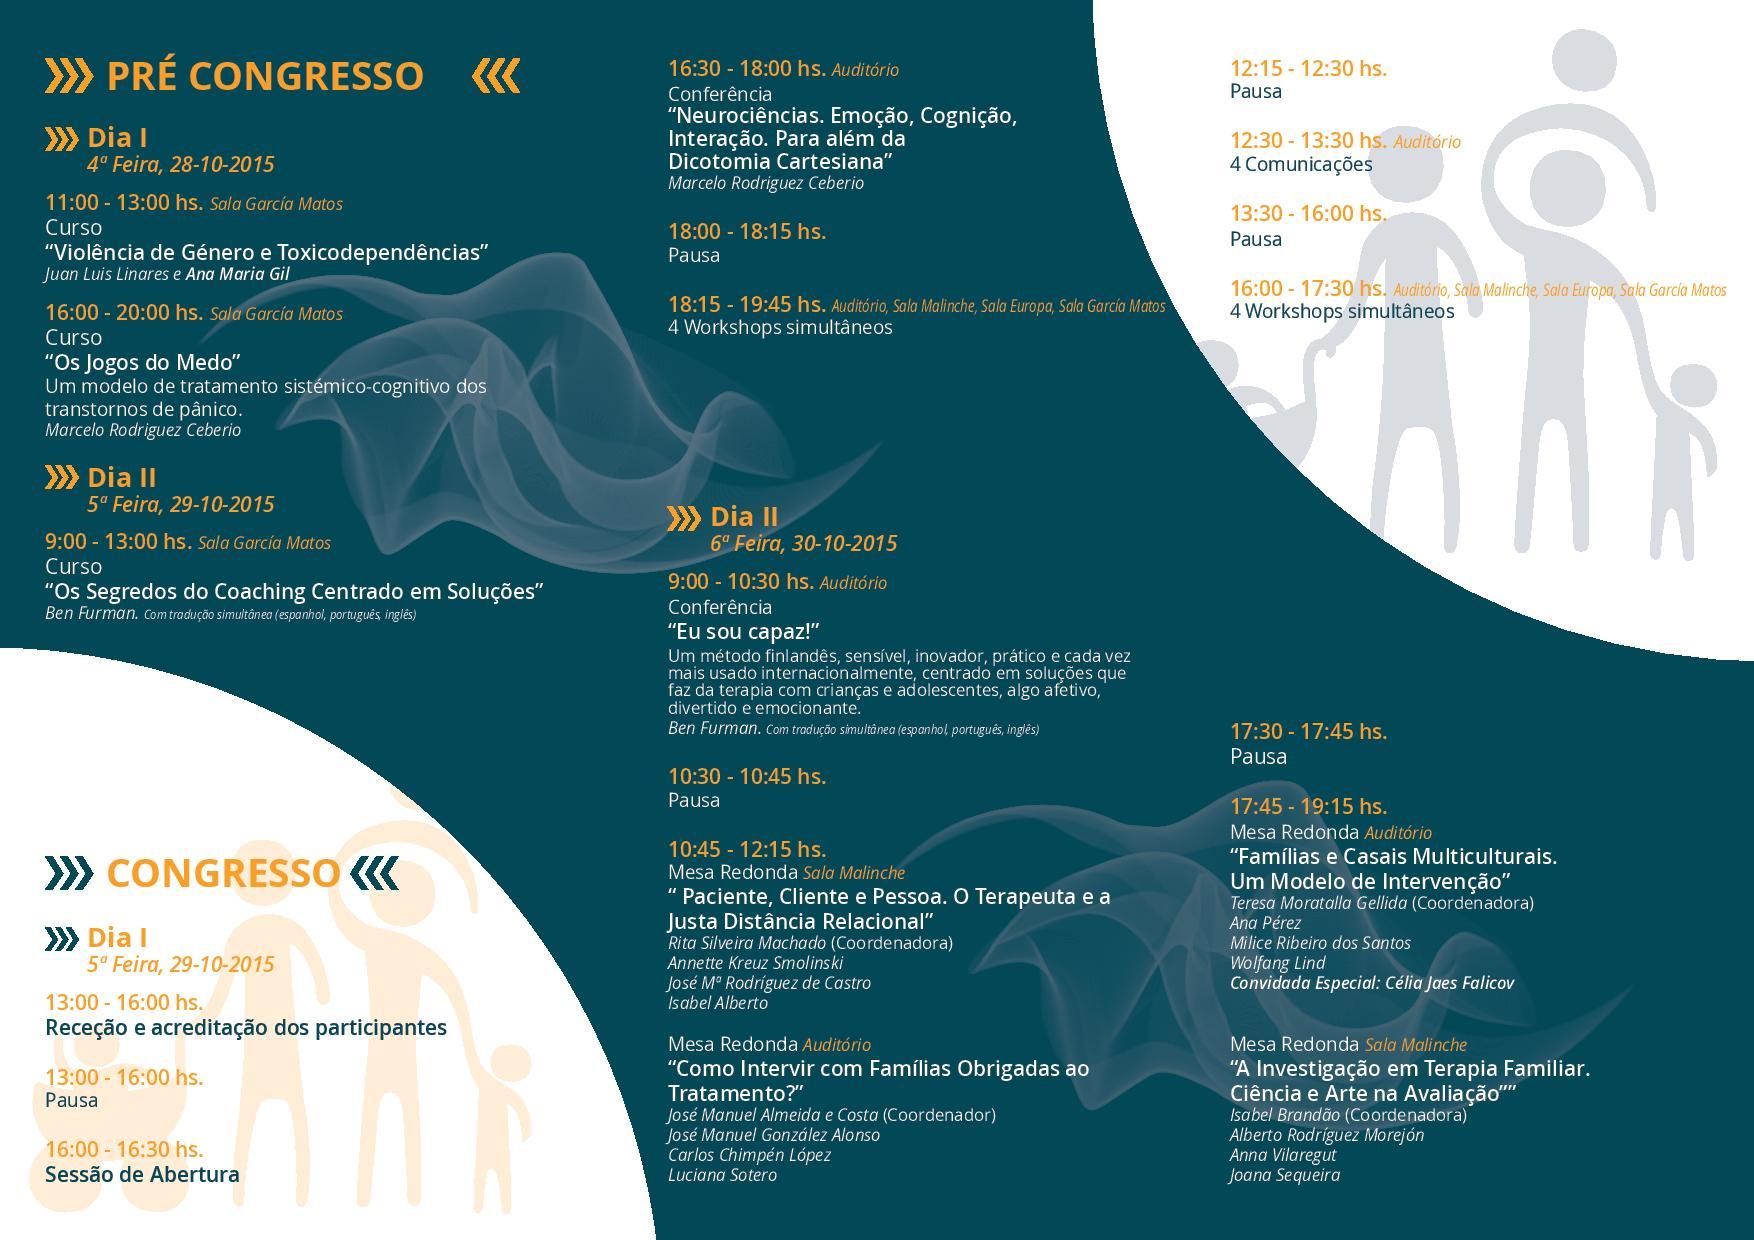 folheto do congresso-page-002